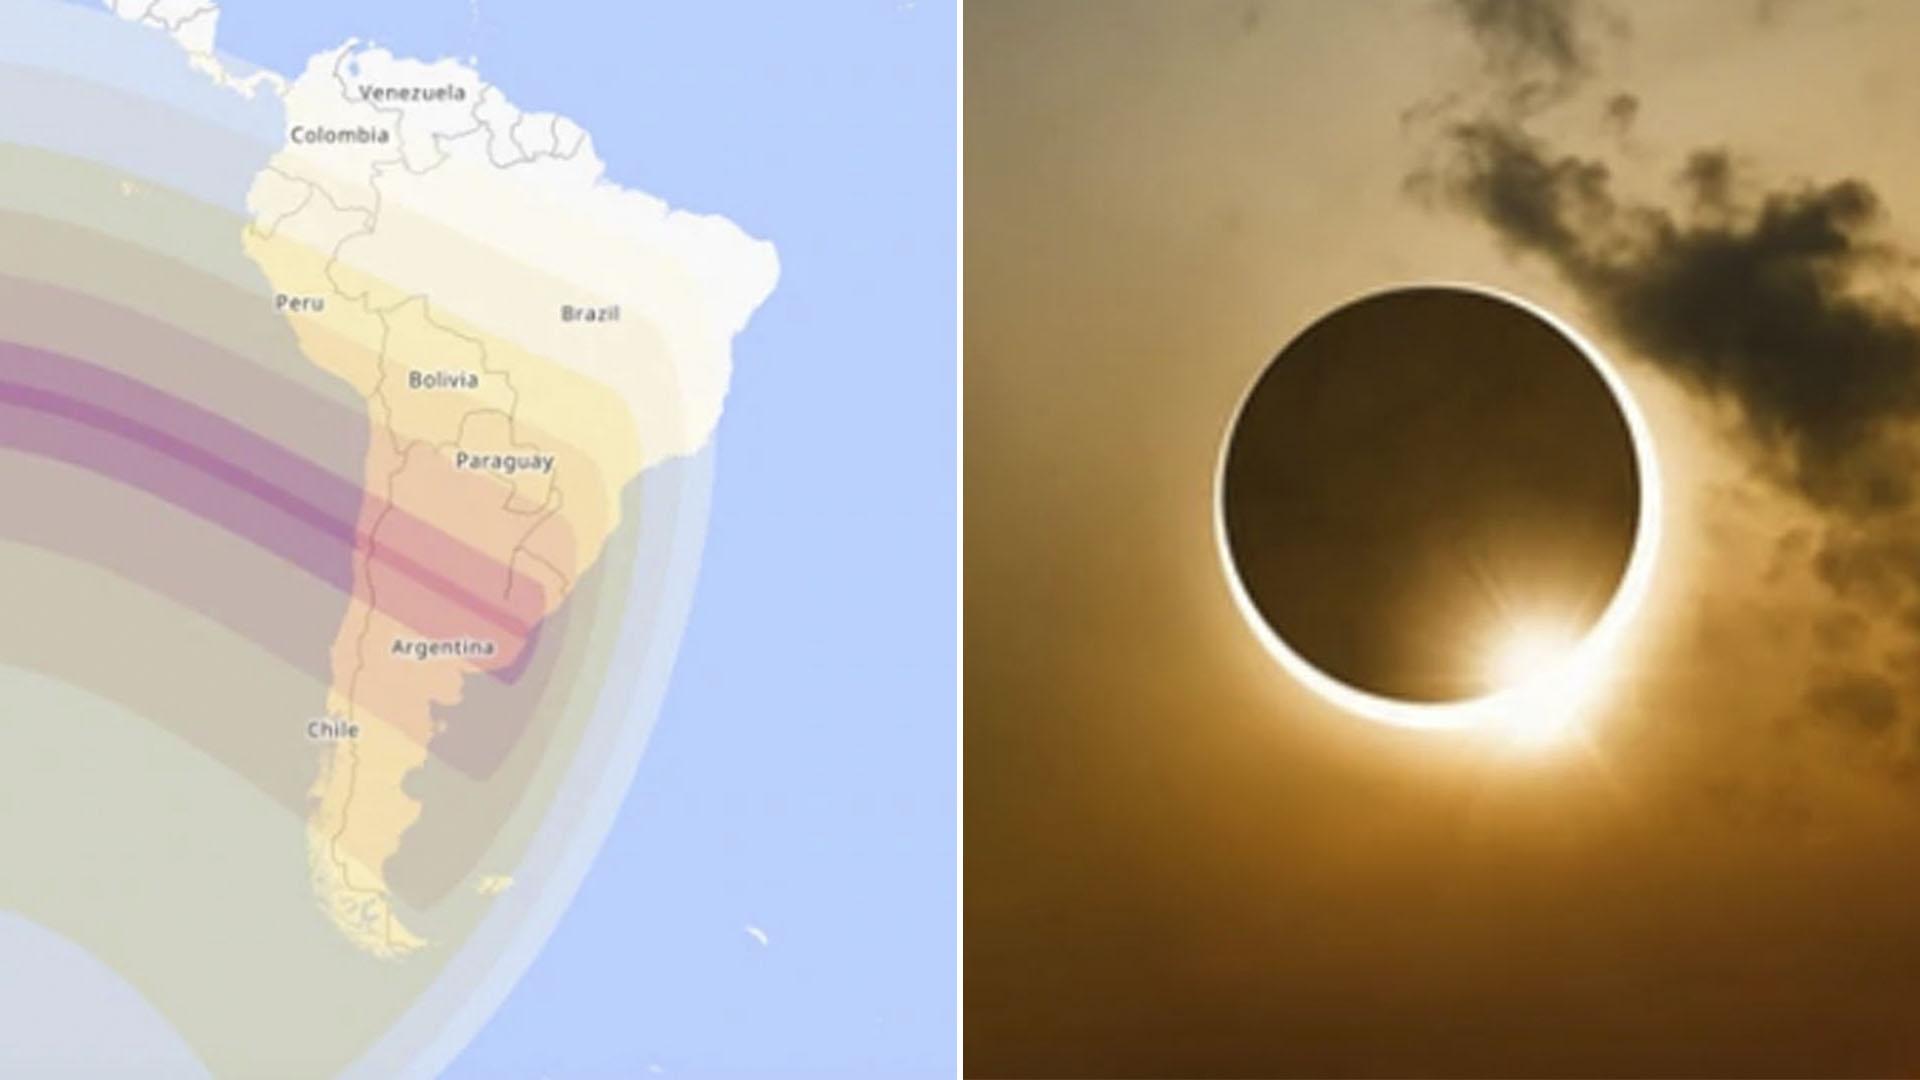 Soare - Wikipedia